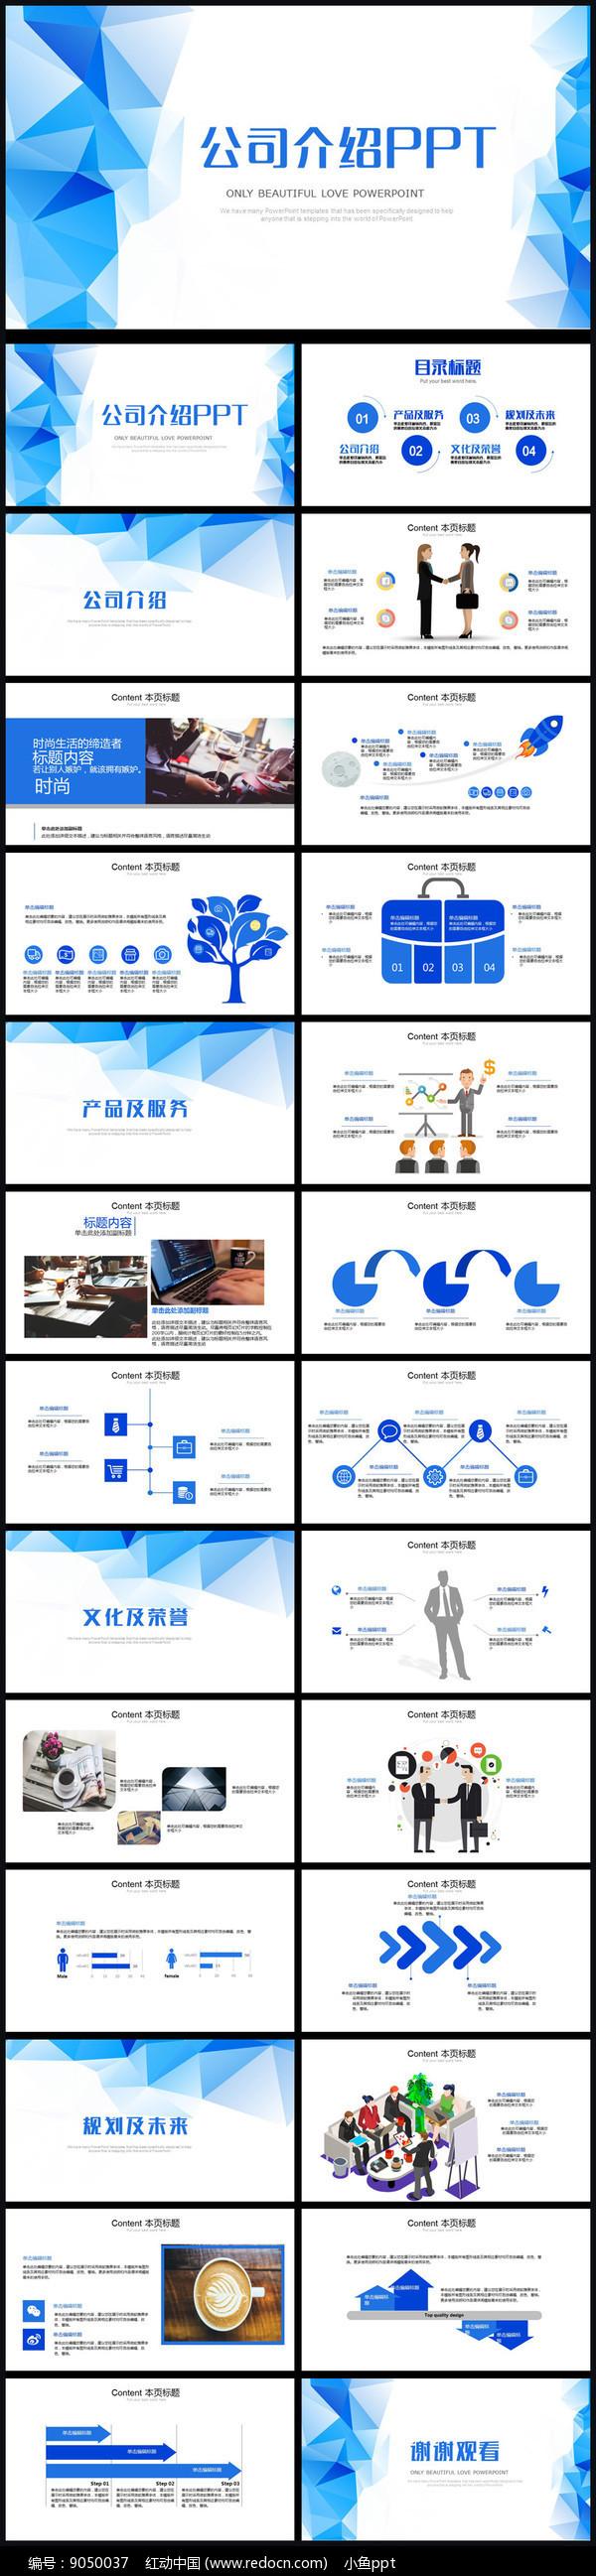 公司介绍产品宣传PPT模板图片